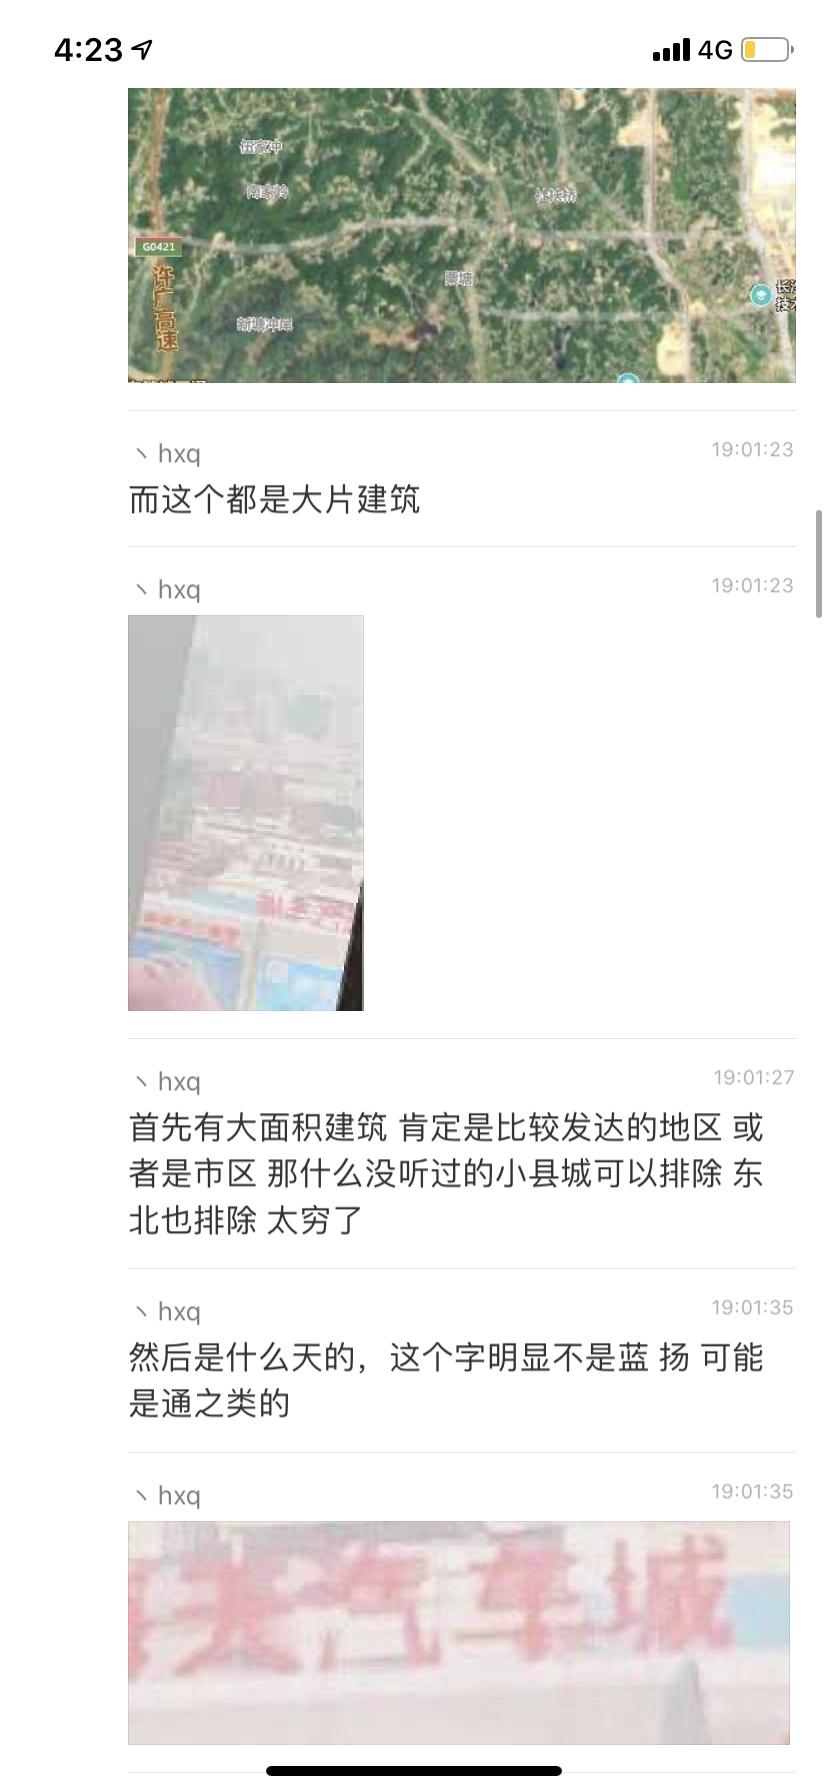 """福利姬""""快点亲亲我吖""""拍照秀美图被侦查破解住址!-sao-『游乐宫』Youlegong.com 第6张"""